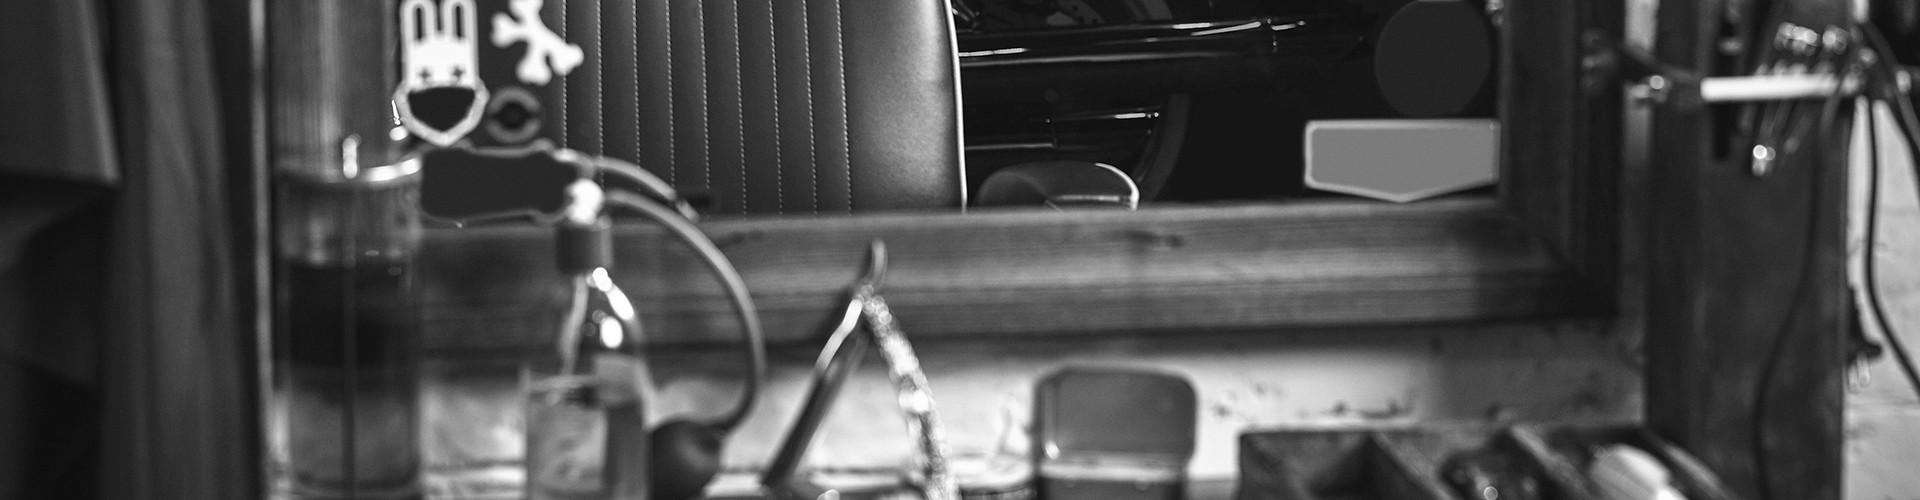 Art du Barbier - Gels ou huiles de rasage